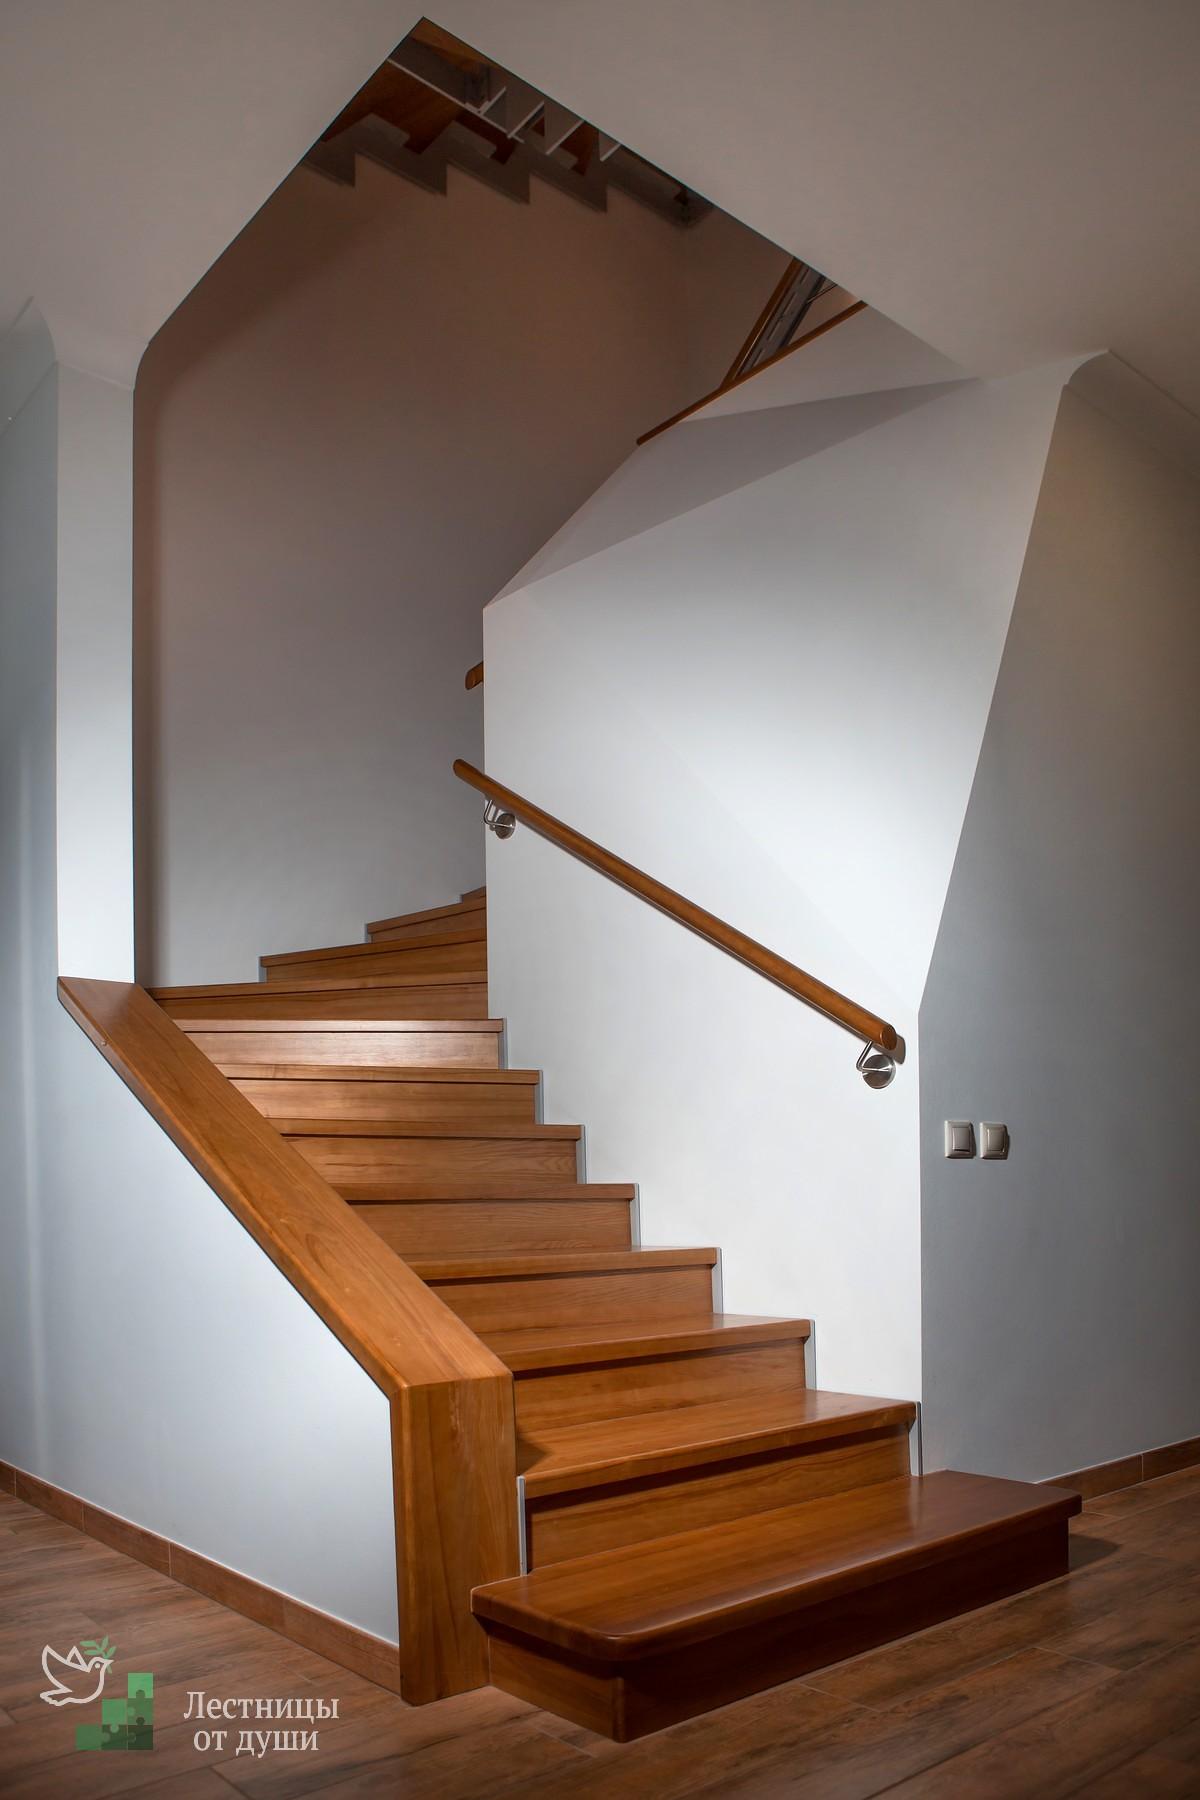 Разворотно-забежная лестница из ясеня, металла на третий этаж